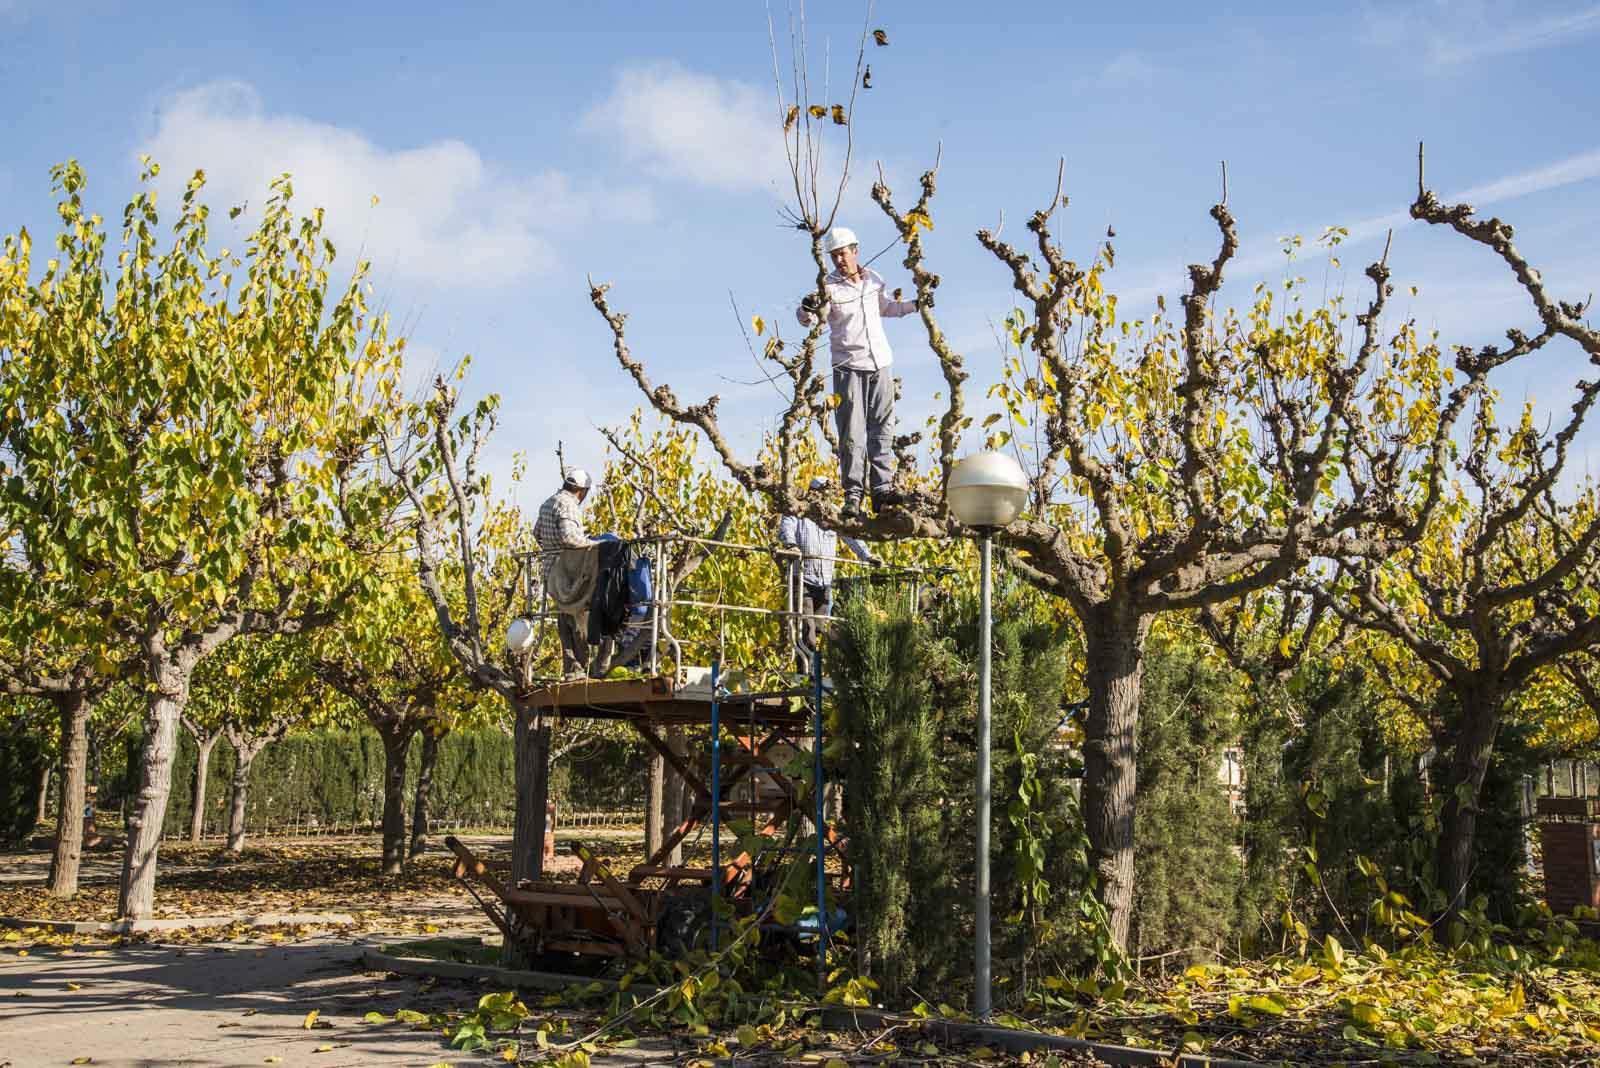 Et arbeidslag var i full sving med å beskjære trærne. Spansk effektivitet. 4 mann som klipte 10-12 trær om dagen